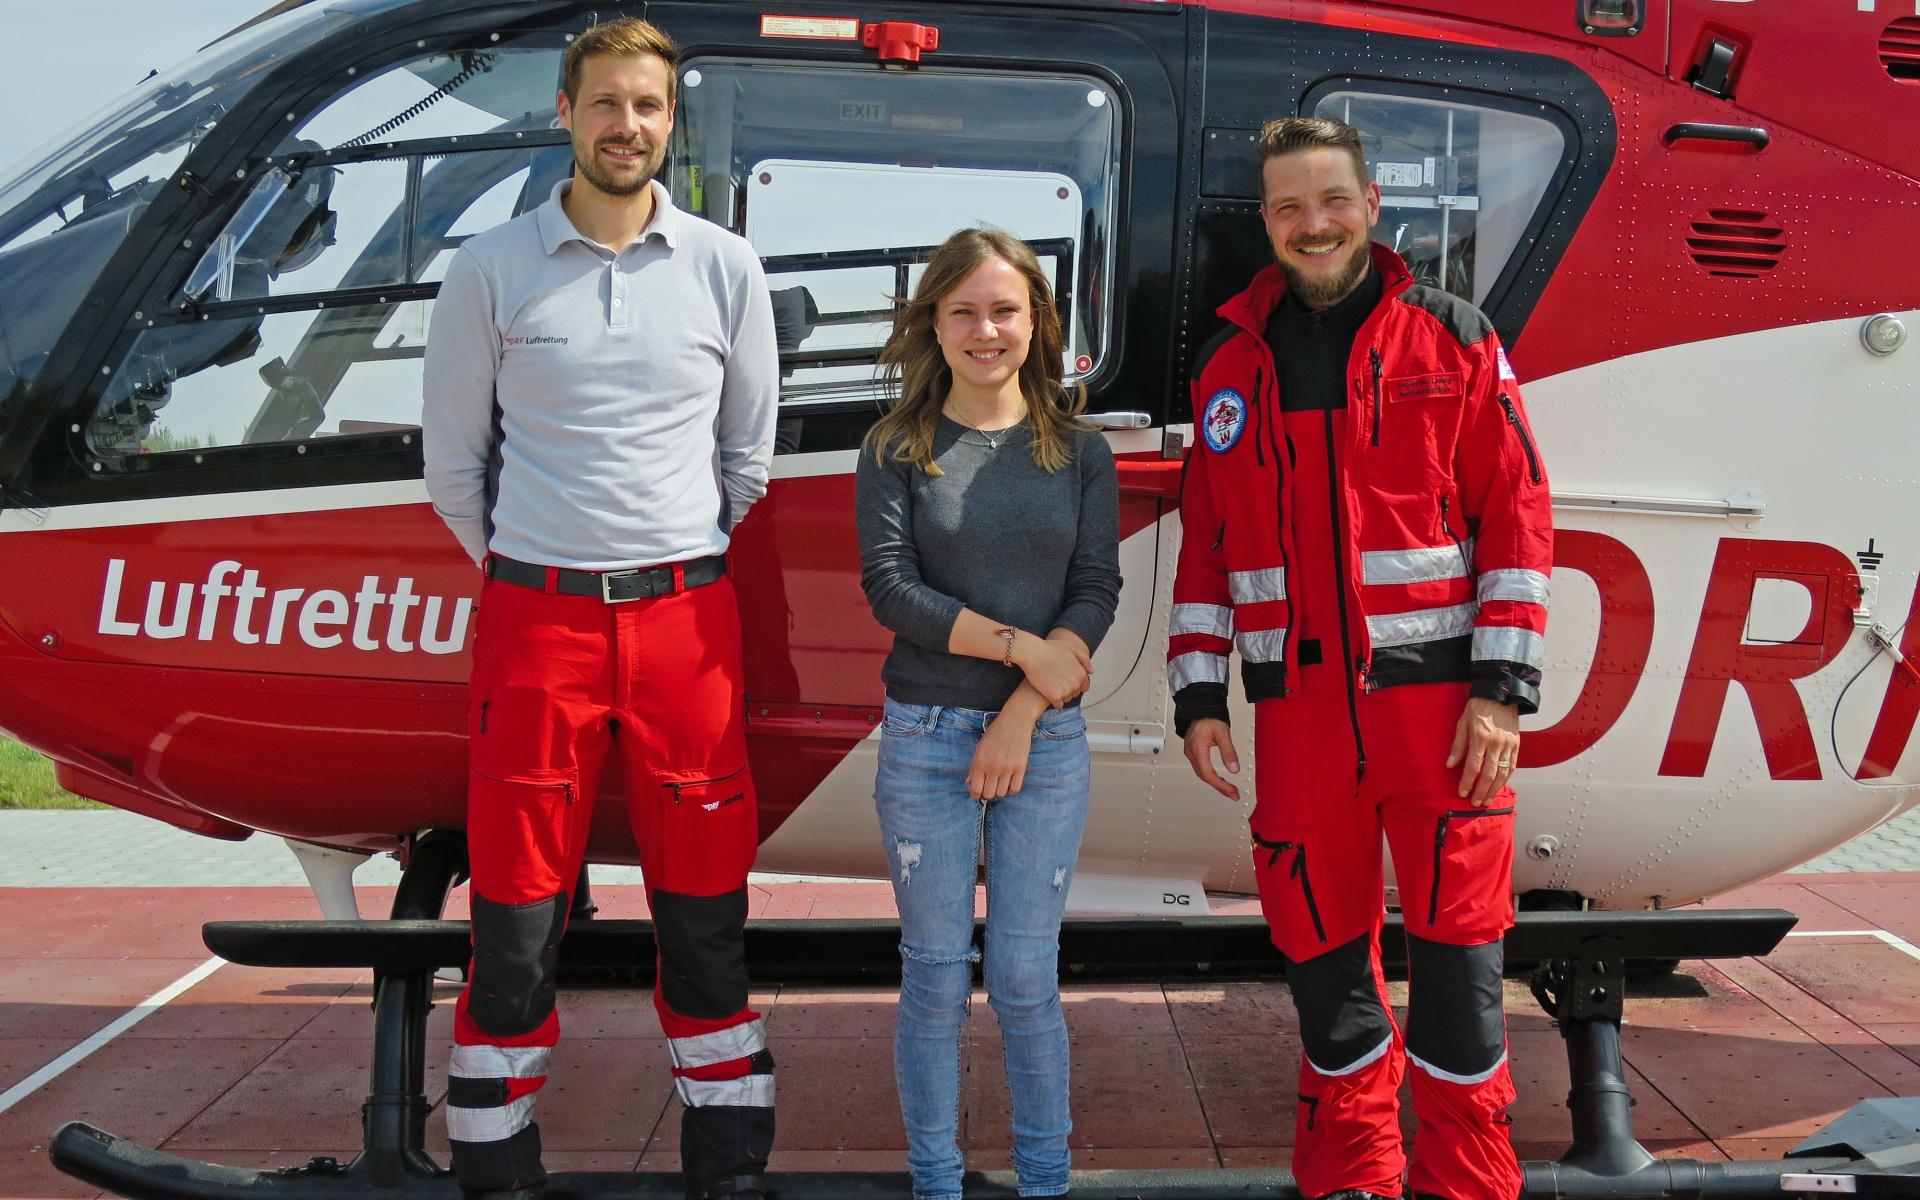 Mit der DRF Luftrettung fühlt sich die junge Frau nach ihrem Unfall tief verbunden.